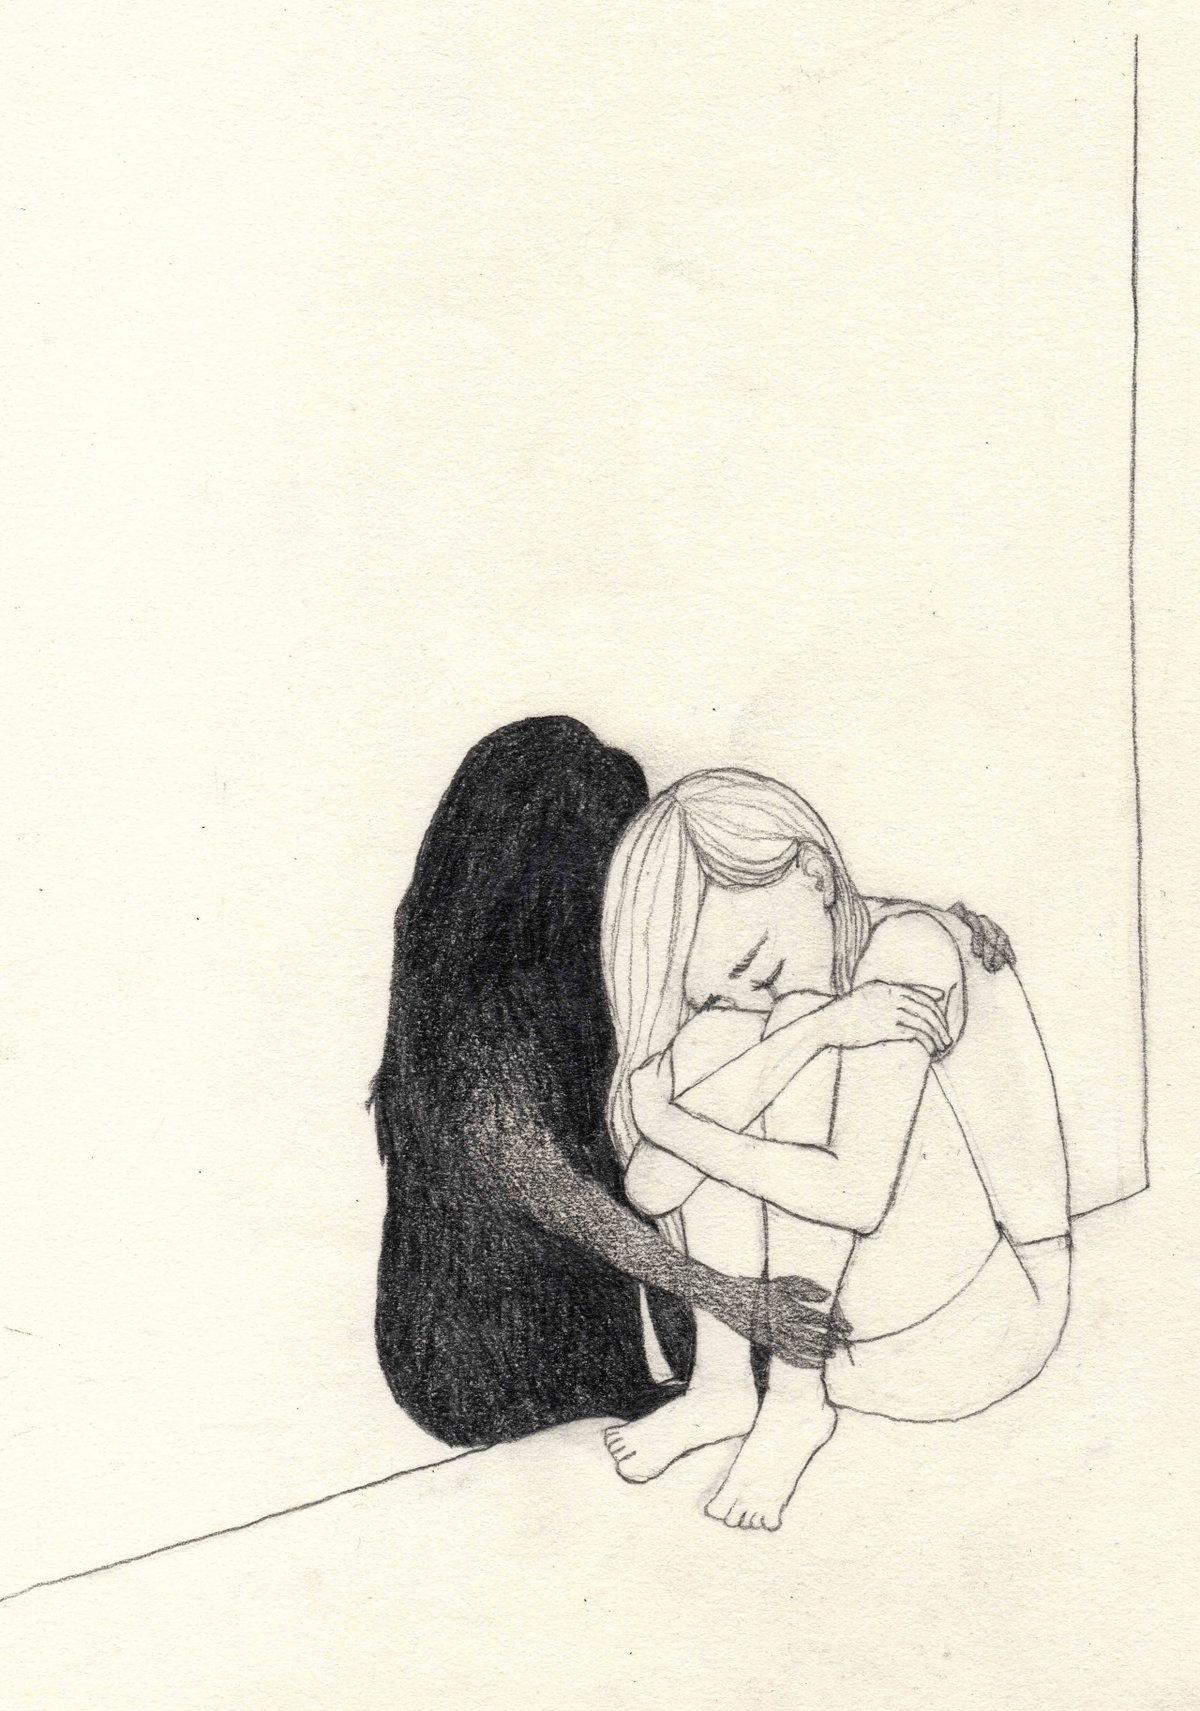 картинки рисунки грусть общем, будем вас